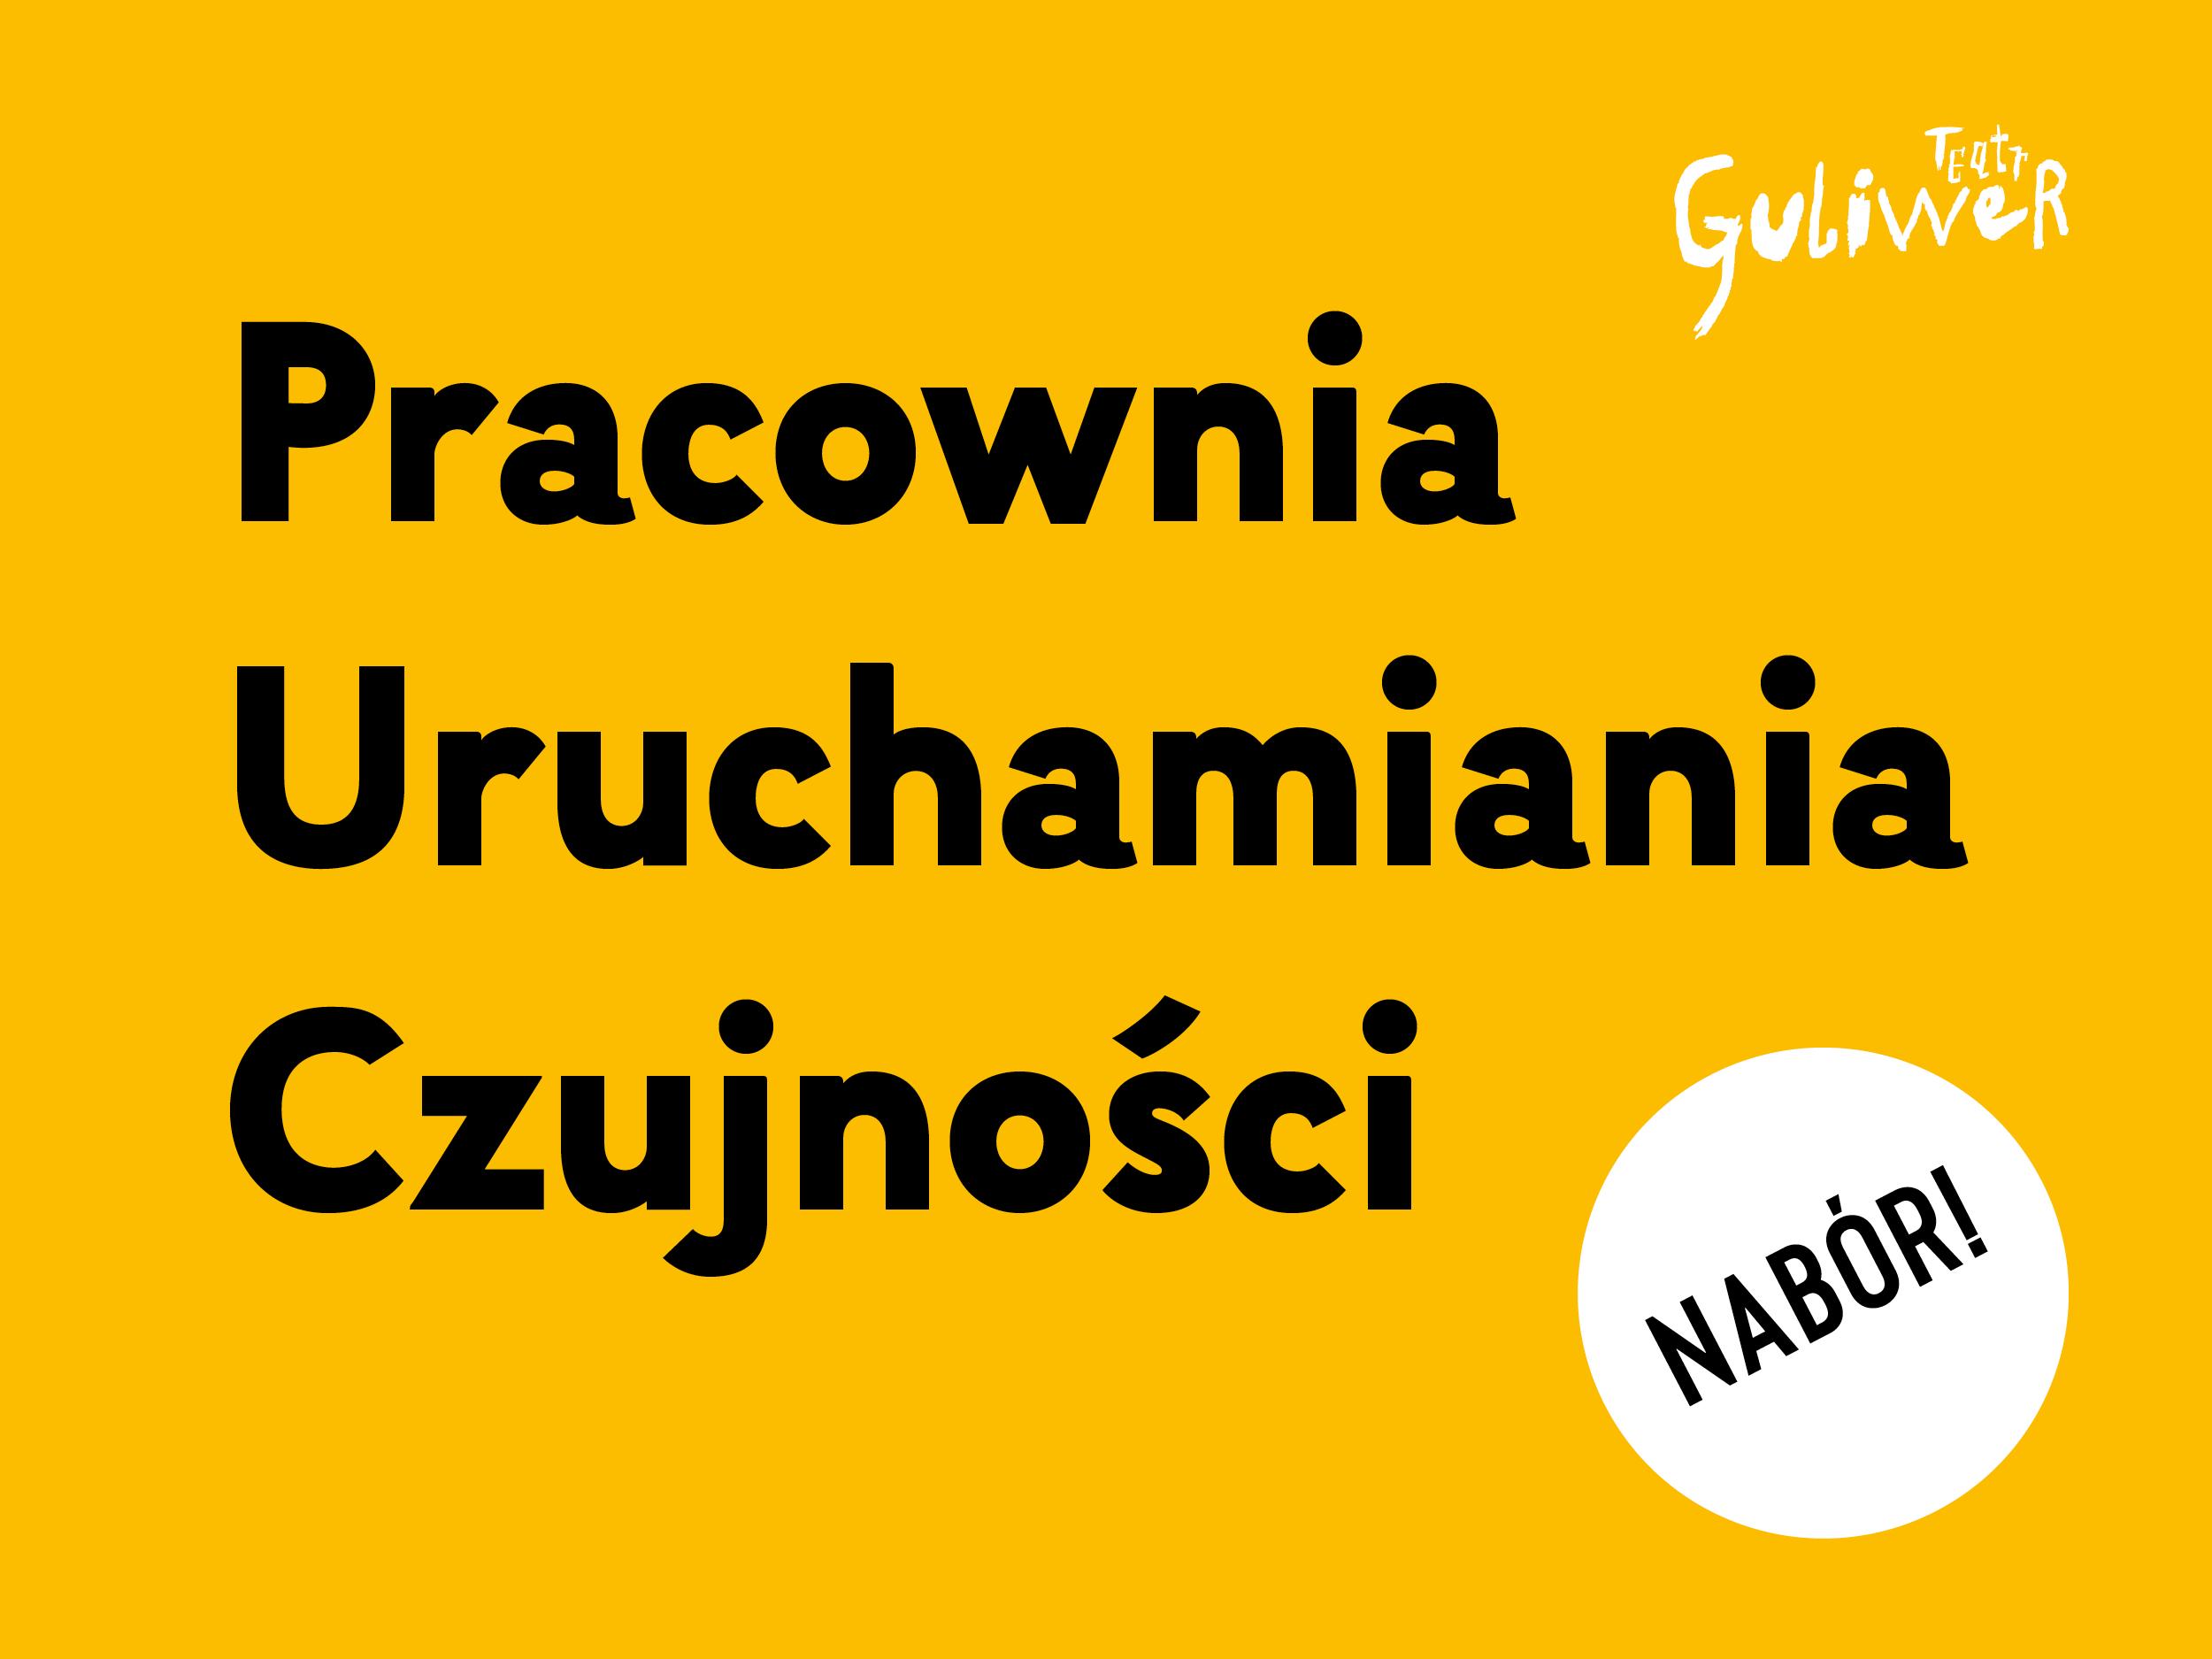 Napis na żółtym tle Pracownia Uruchamiania Czujności oraz białe kółko w prawym dolnym rogu z napisem NABÓR!